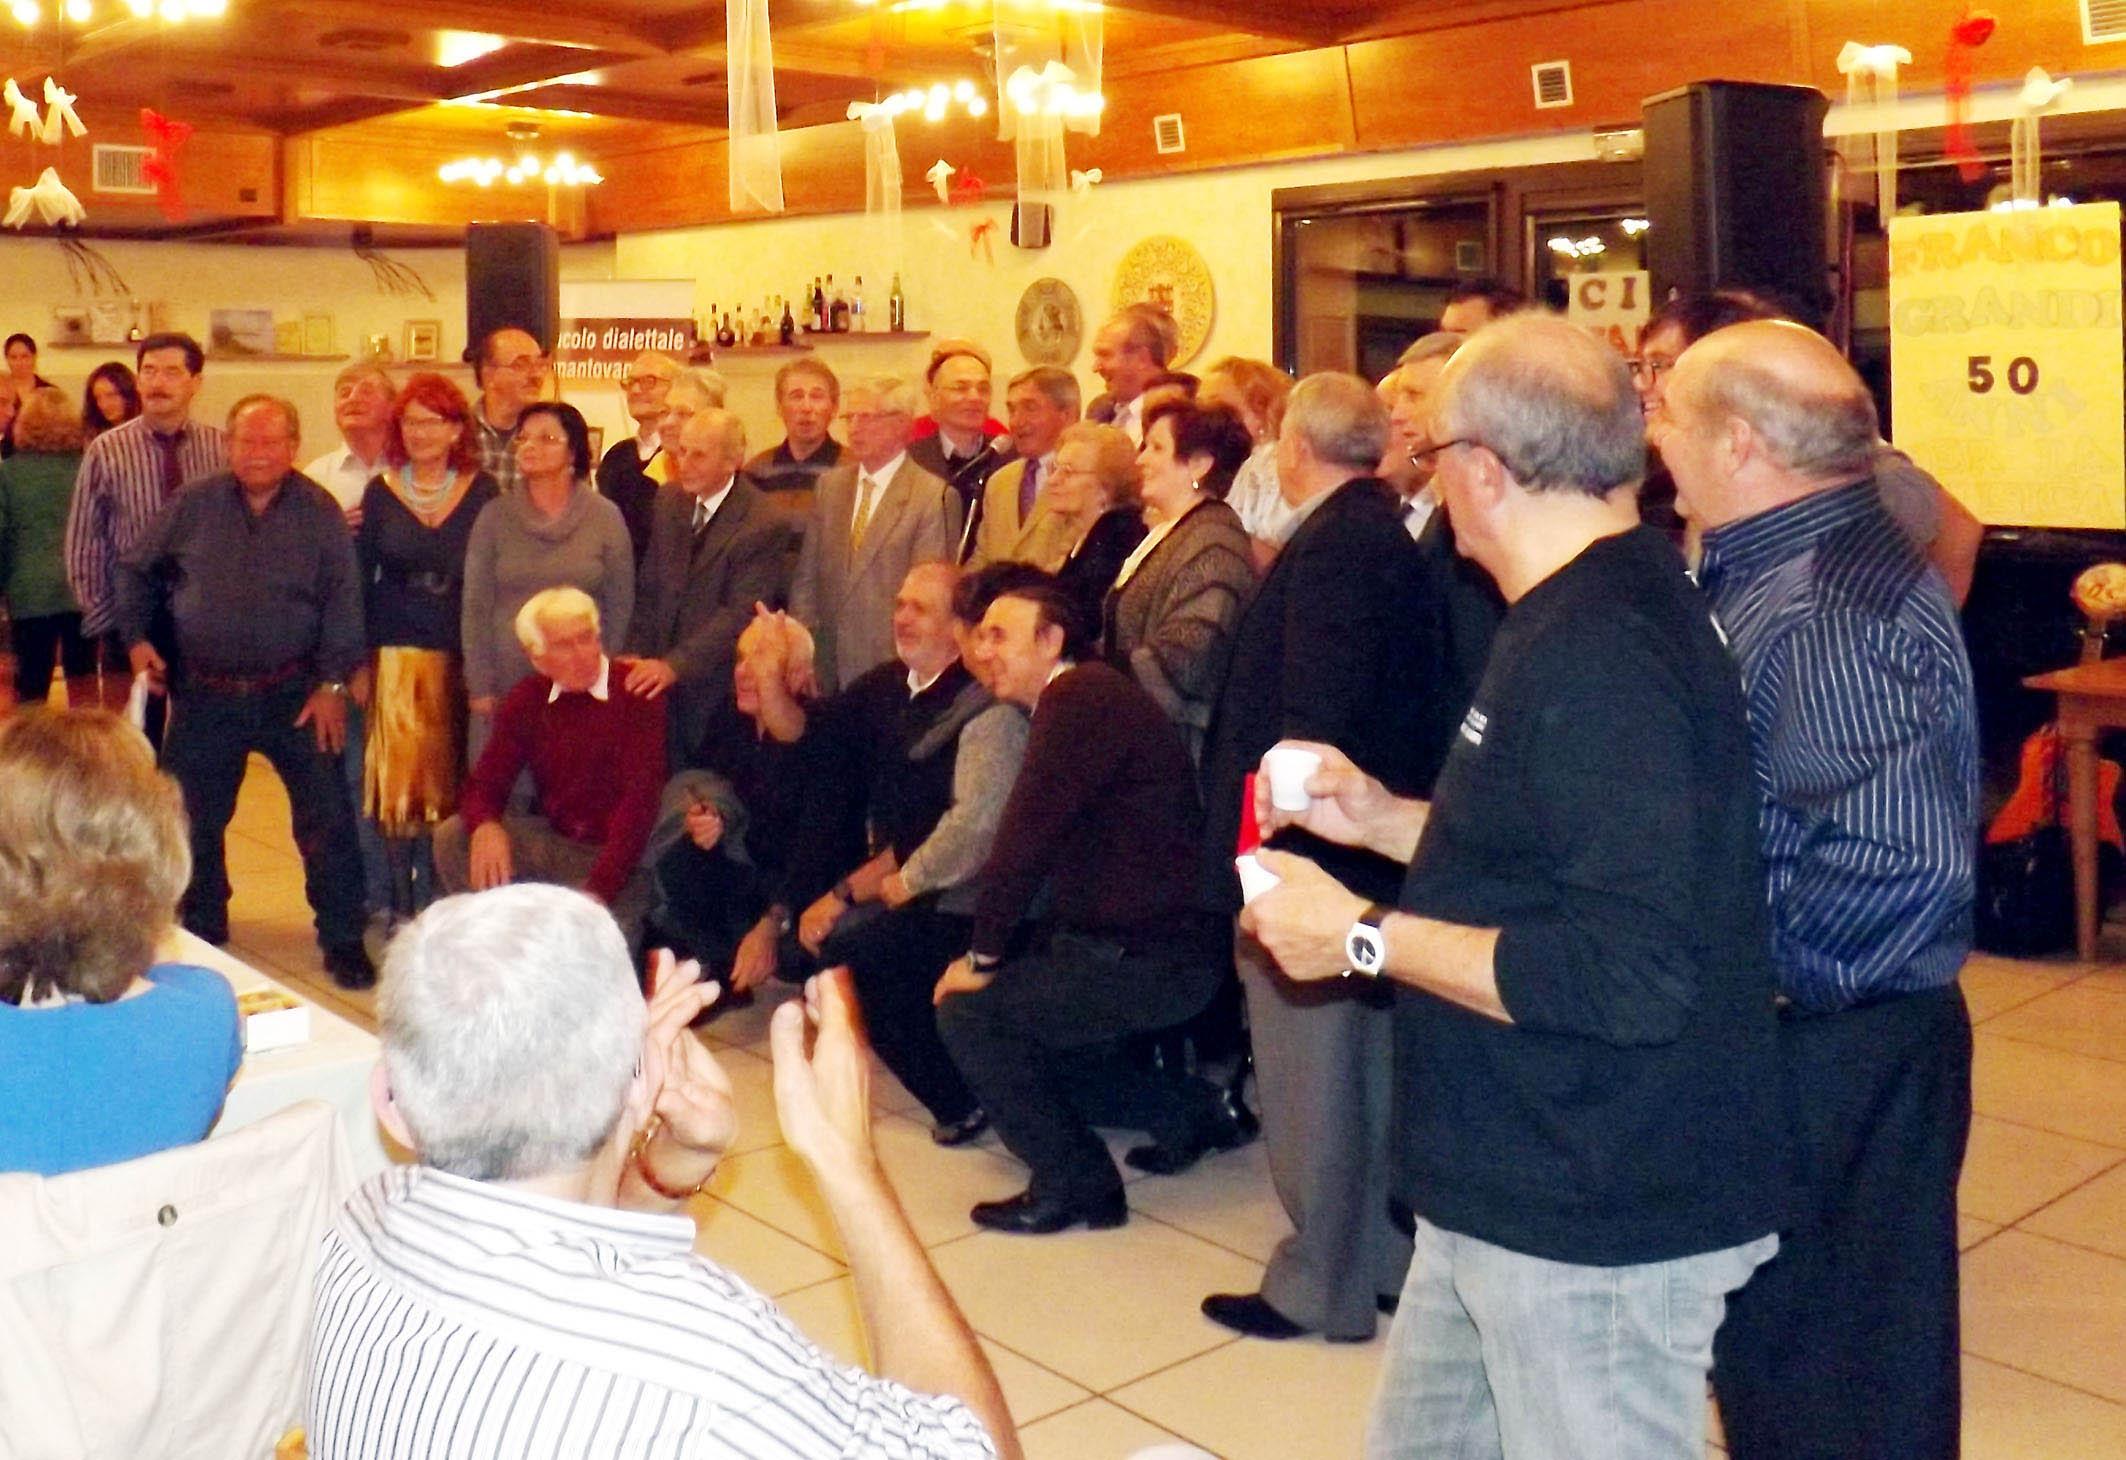 Ristorante Il Nespolo Bagnolo San Vito : San biagio u arte cultura tradizione la cena degli artisti